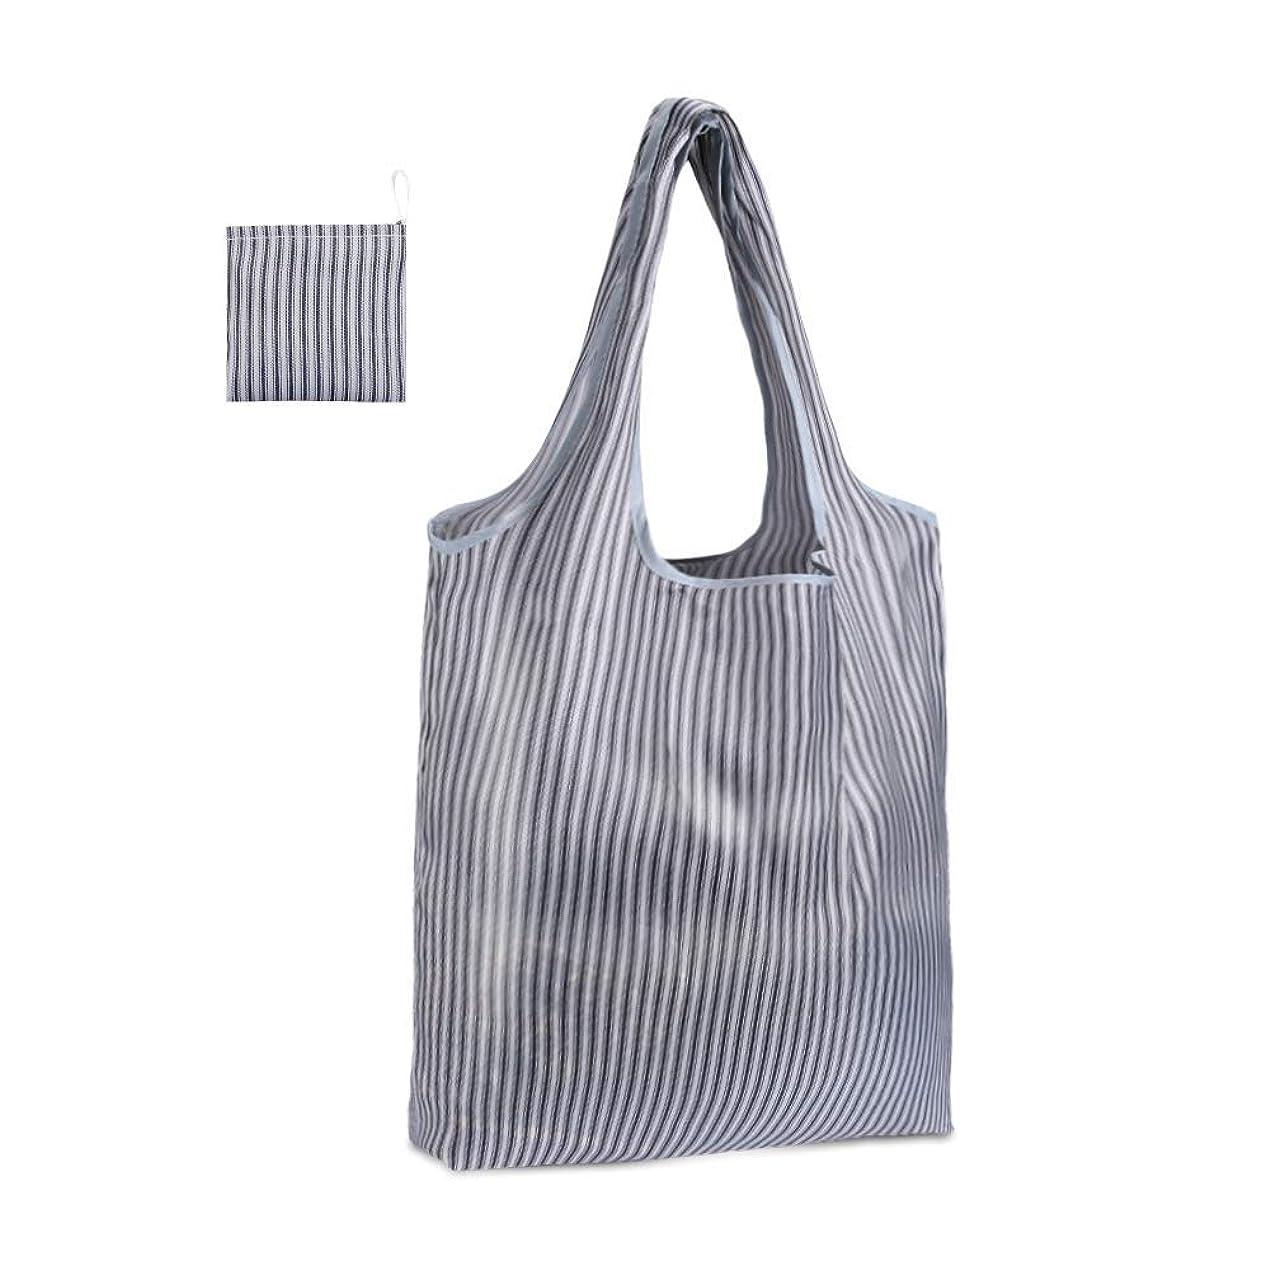 白菜癒す恨みEtercycle 買い物袋 エコバッグ 折りたたみ トートバッグ 防水素材 収納袋 男女兼用 (6Pcs グレーストライプ)